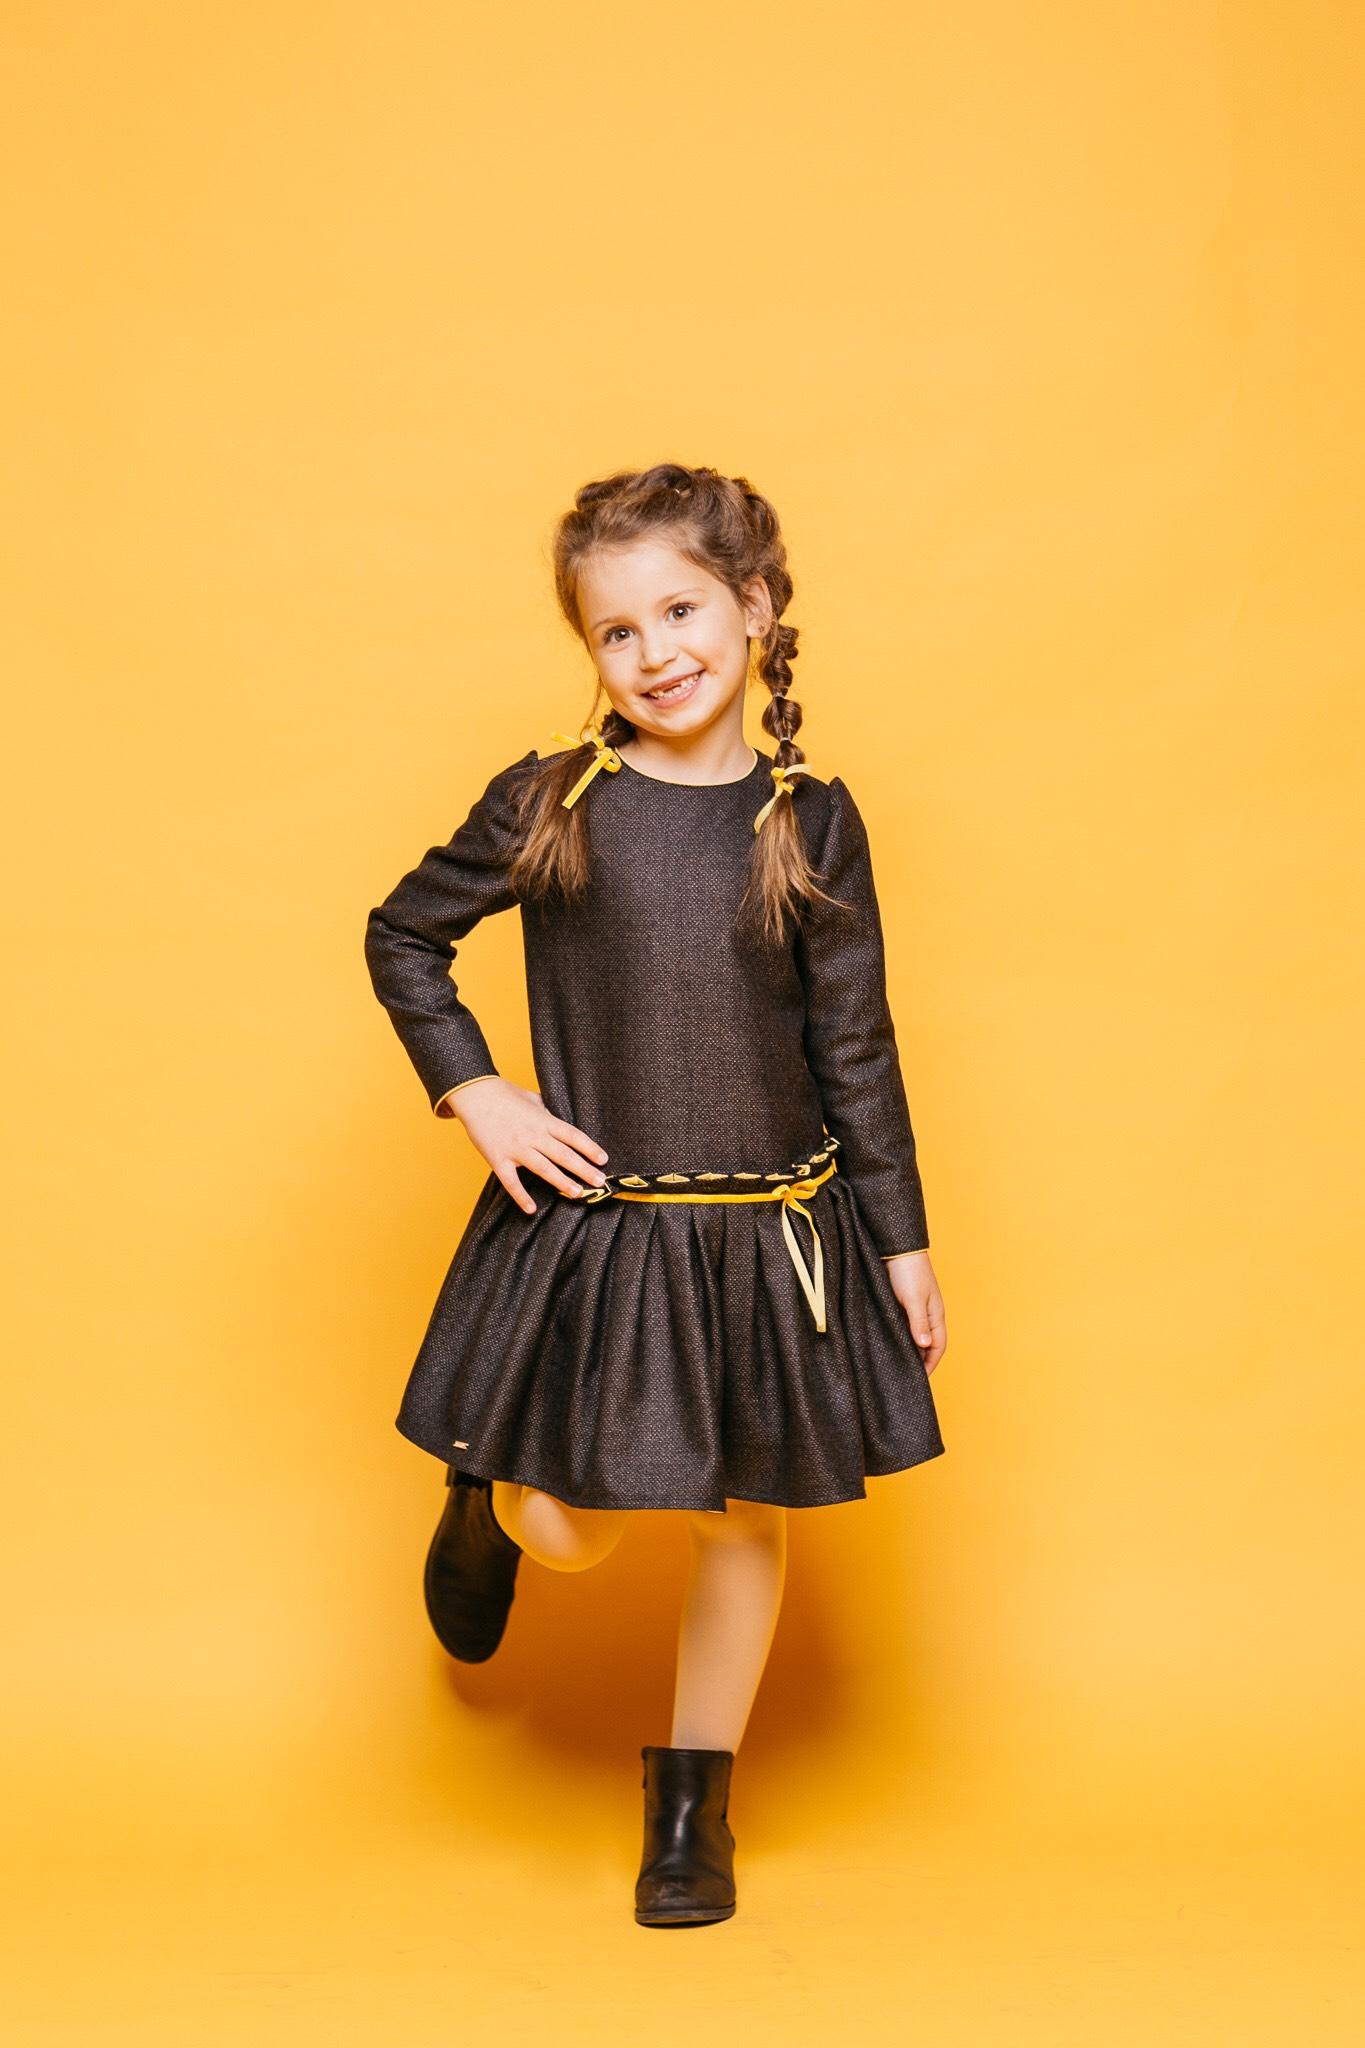 b3d80103c13e15 Красивое теплое платье на девочку. Теплий натуральний основний матеріал,  стильний ...